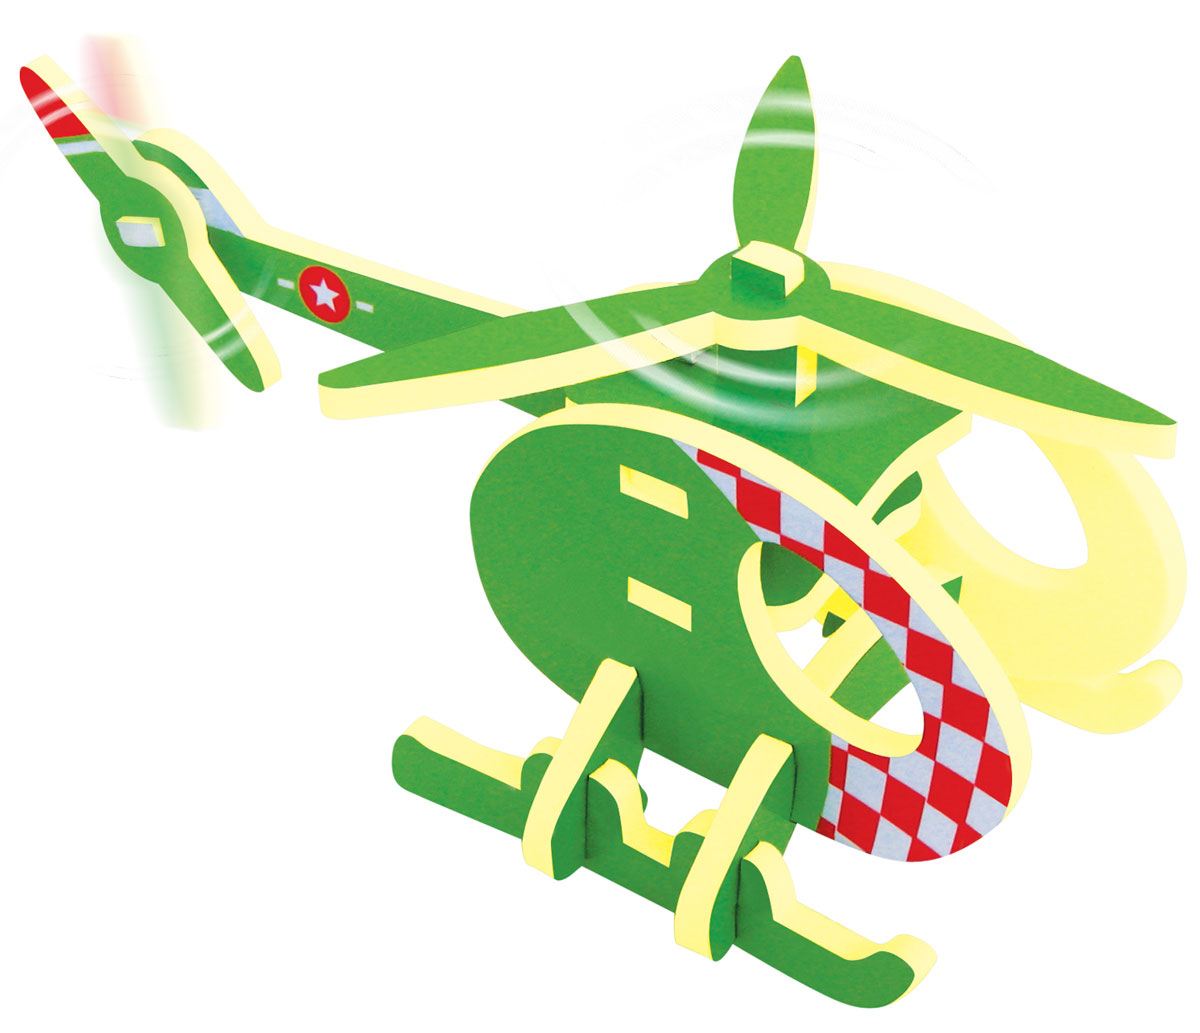 Bebelot 3D мягкий конструктор Вертолет bebelot 3d мягкий конструктор транспортный вертолет